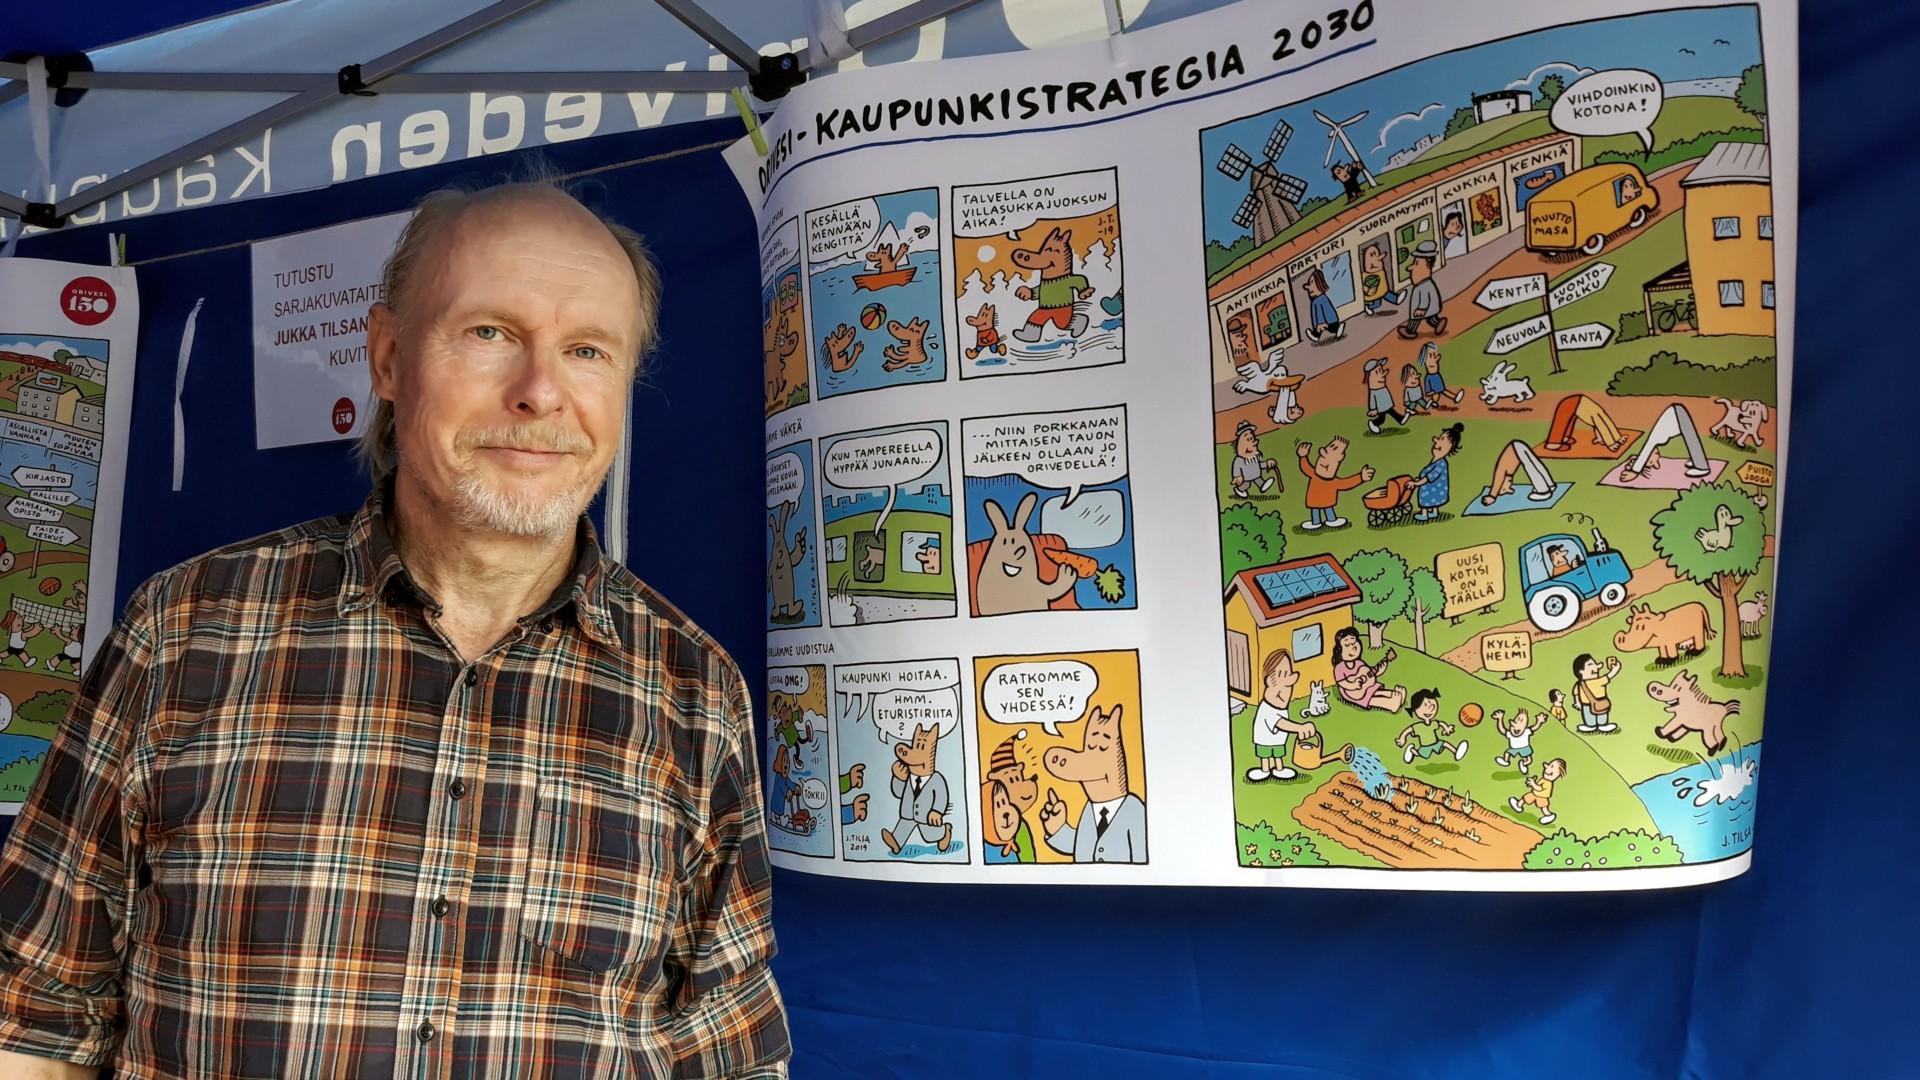 Sarjakuvataiteilija Jukka Tilsa piirtämänsä kaupunkistrategian sarjakuvakuvituksen vieressä.